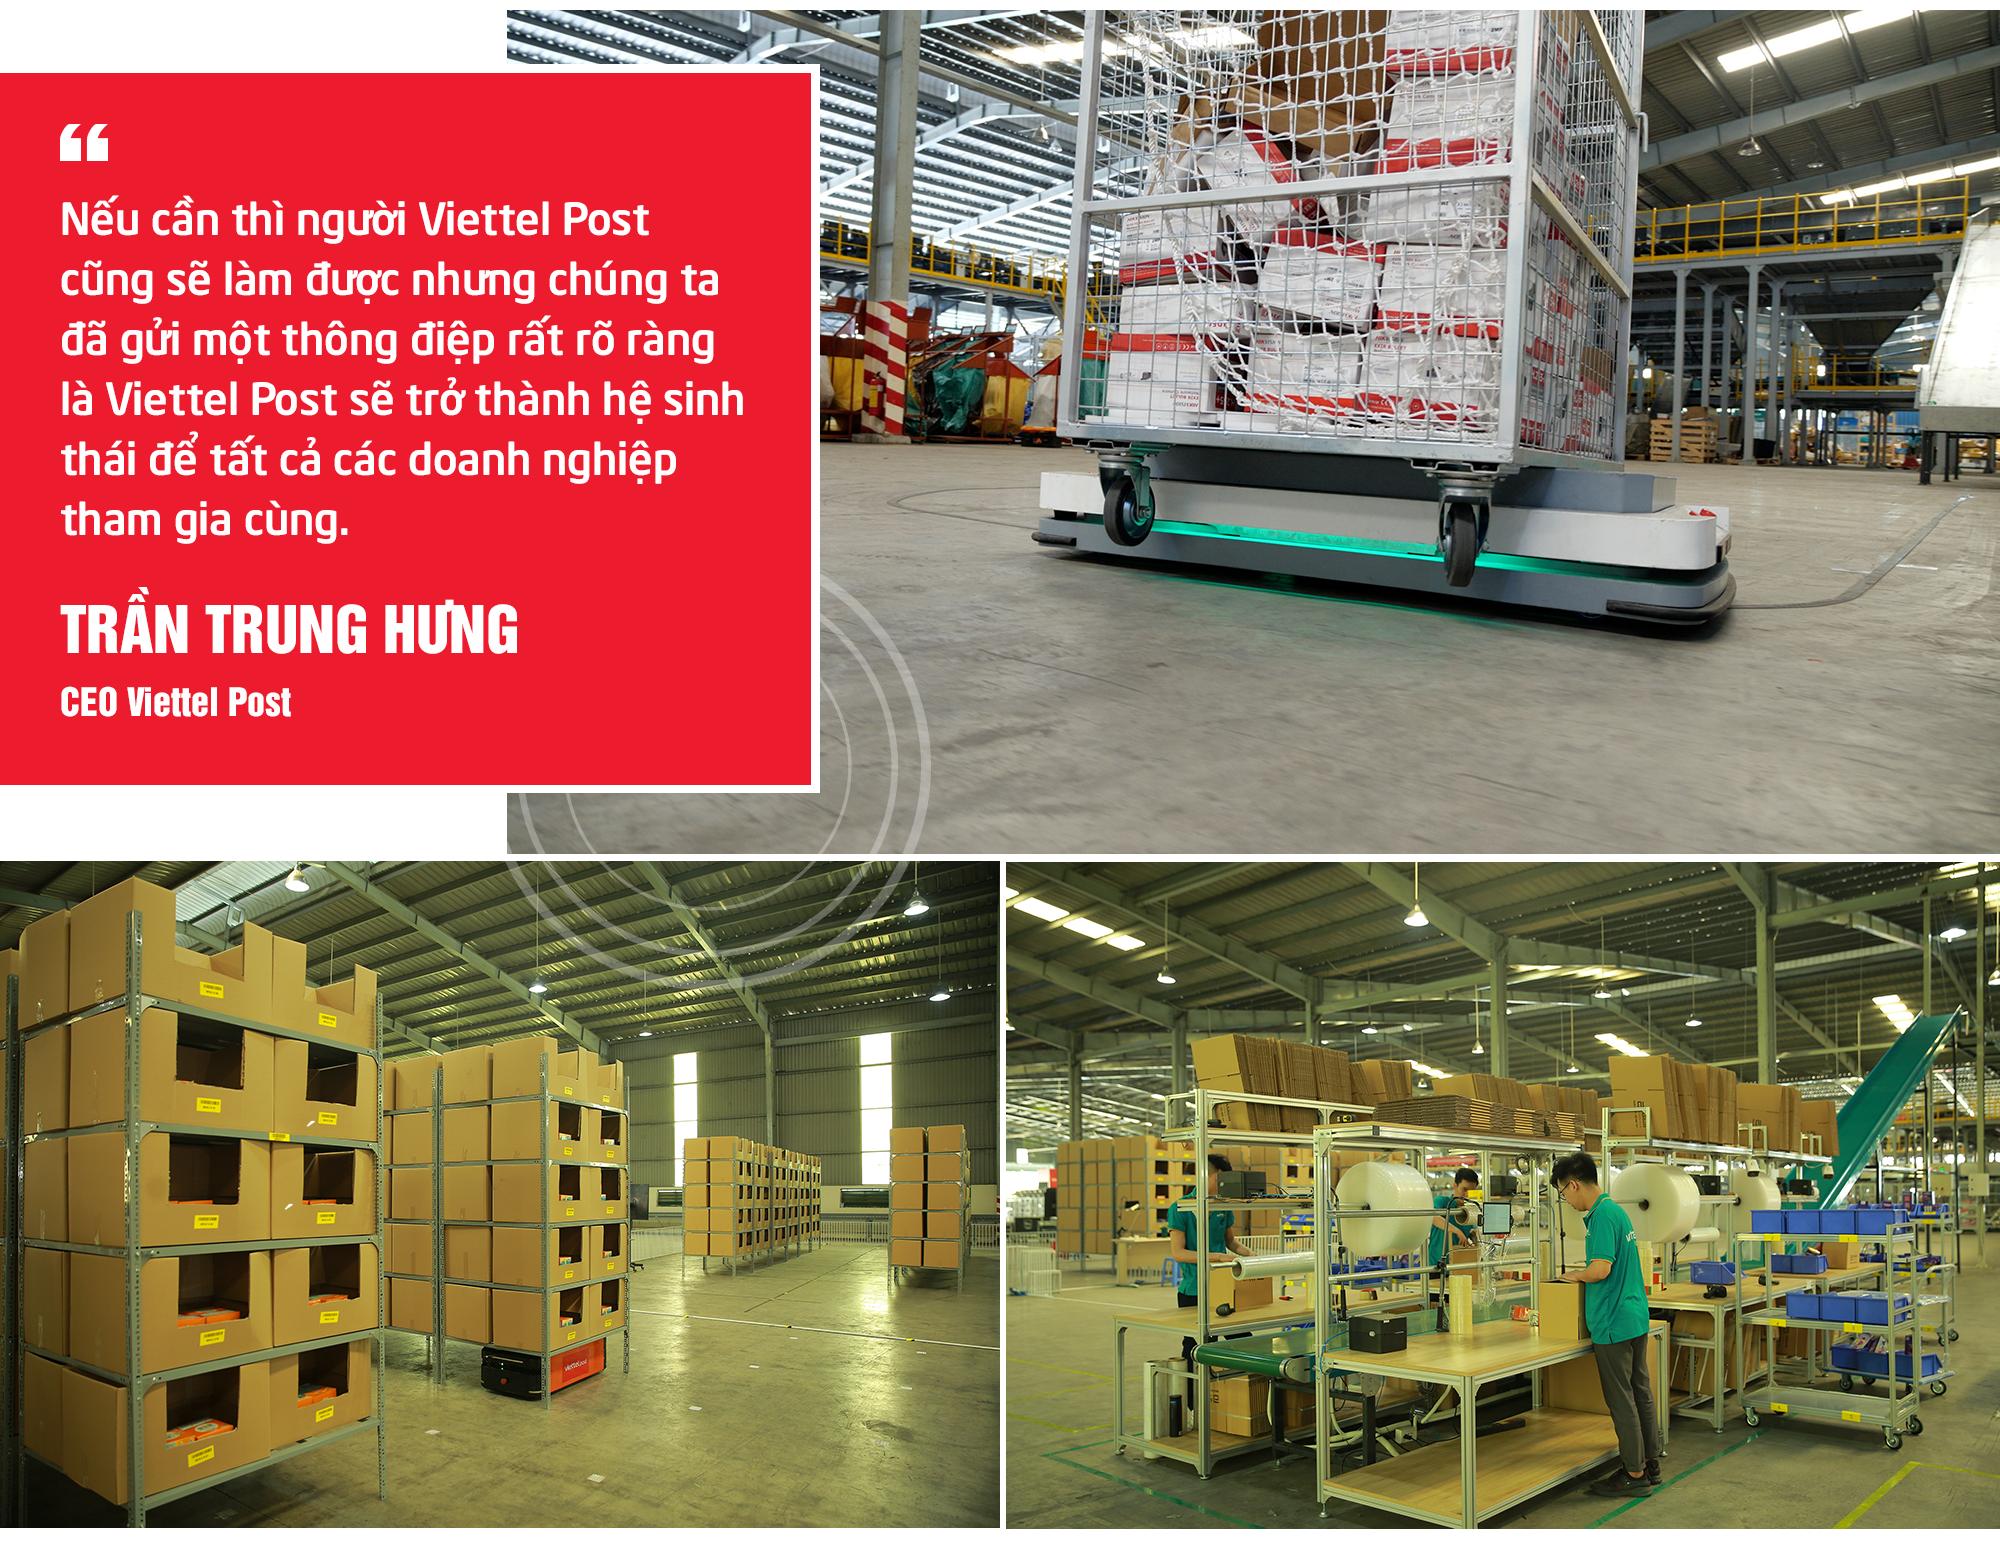 Kỳ tích ngành logistics đến từ chiếc máng trượt 18 triệu đồng và giải pháp chưa từng có trên thế giới tại Viettel Post - Ảnh 9.